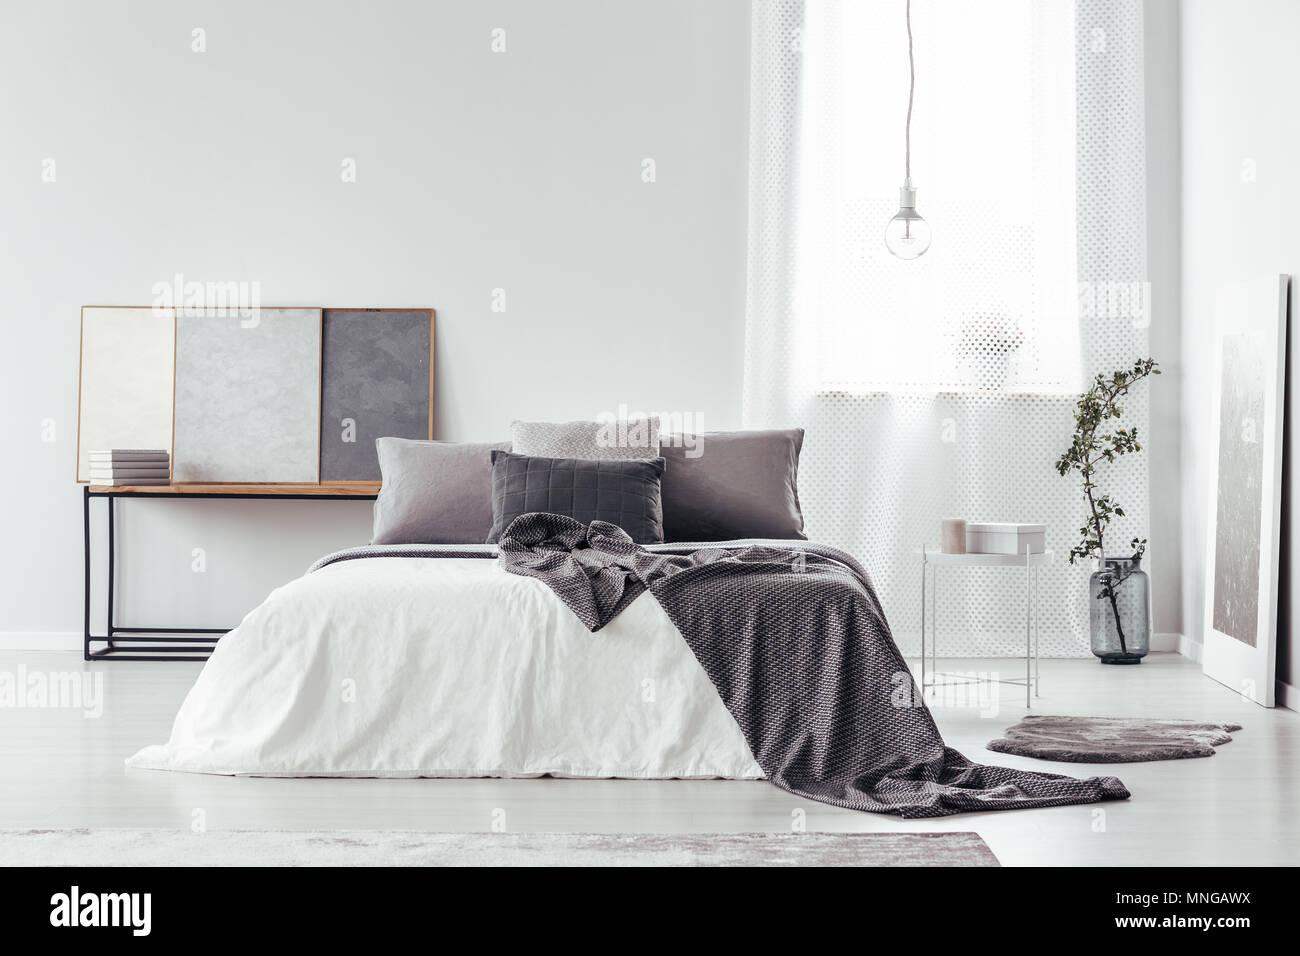 Coperta modellato sul letto con cuscini di colore grigio in